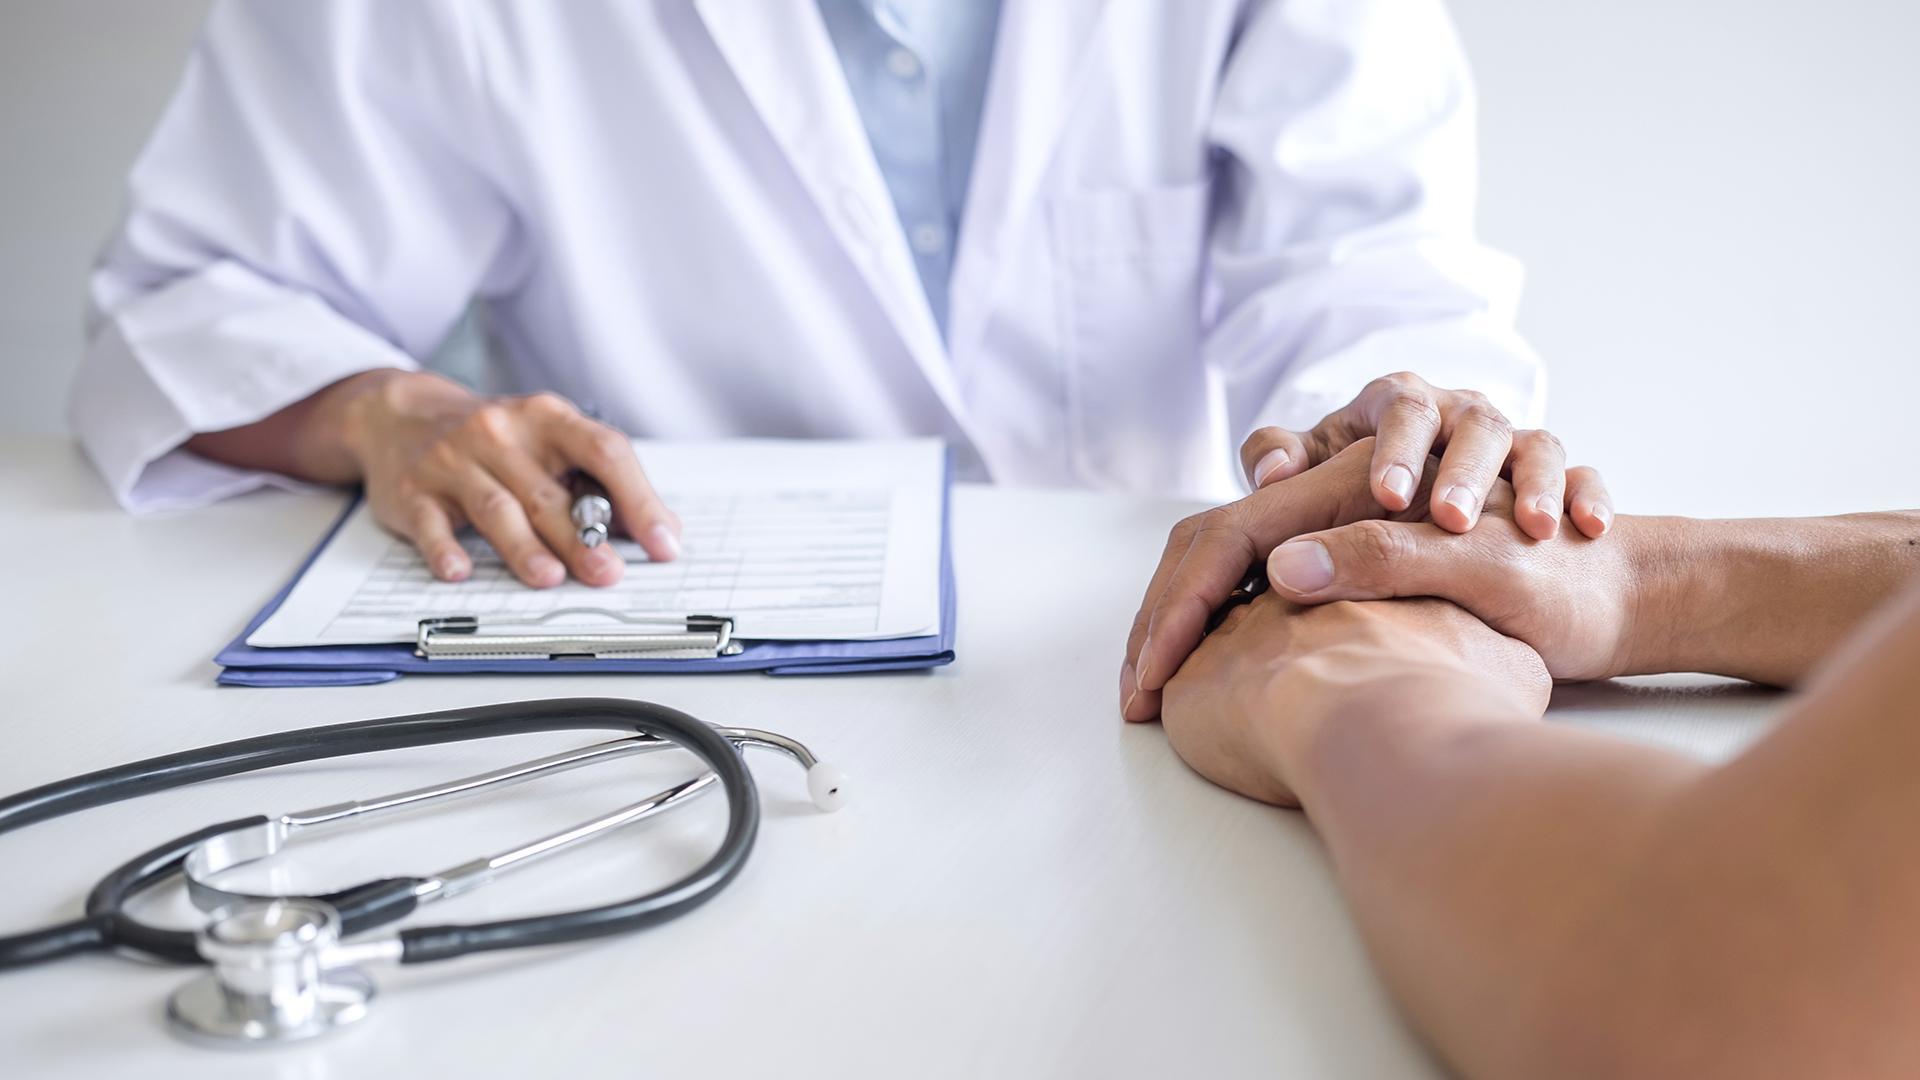 Эндокринолог развеяла популярные мифы о биопсии